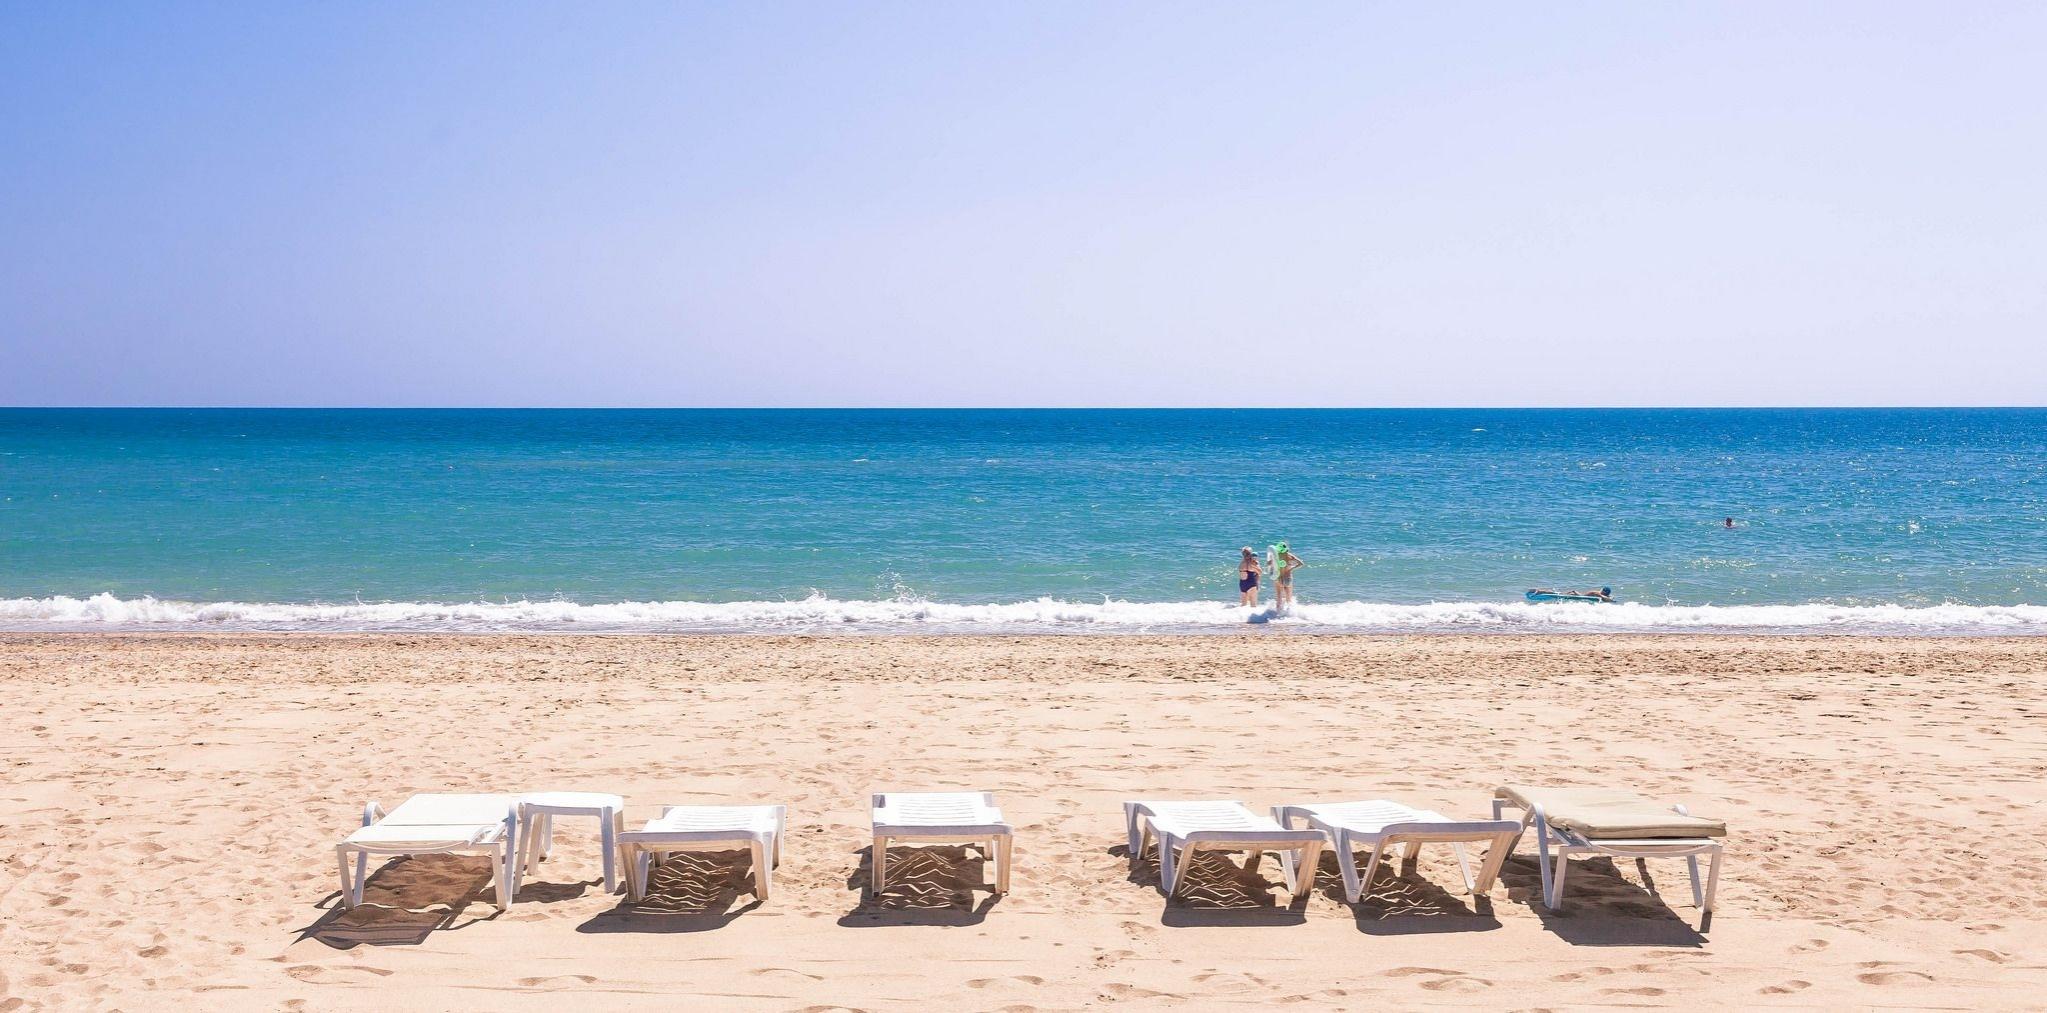 Цены на отдых в Турции упали: куда стоит съездить (фото), фото-2